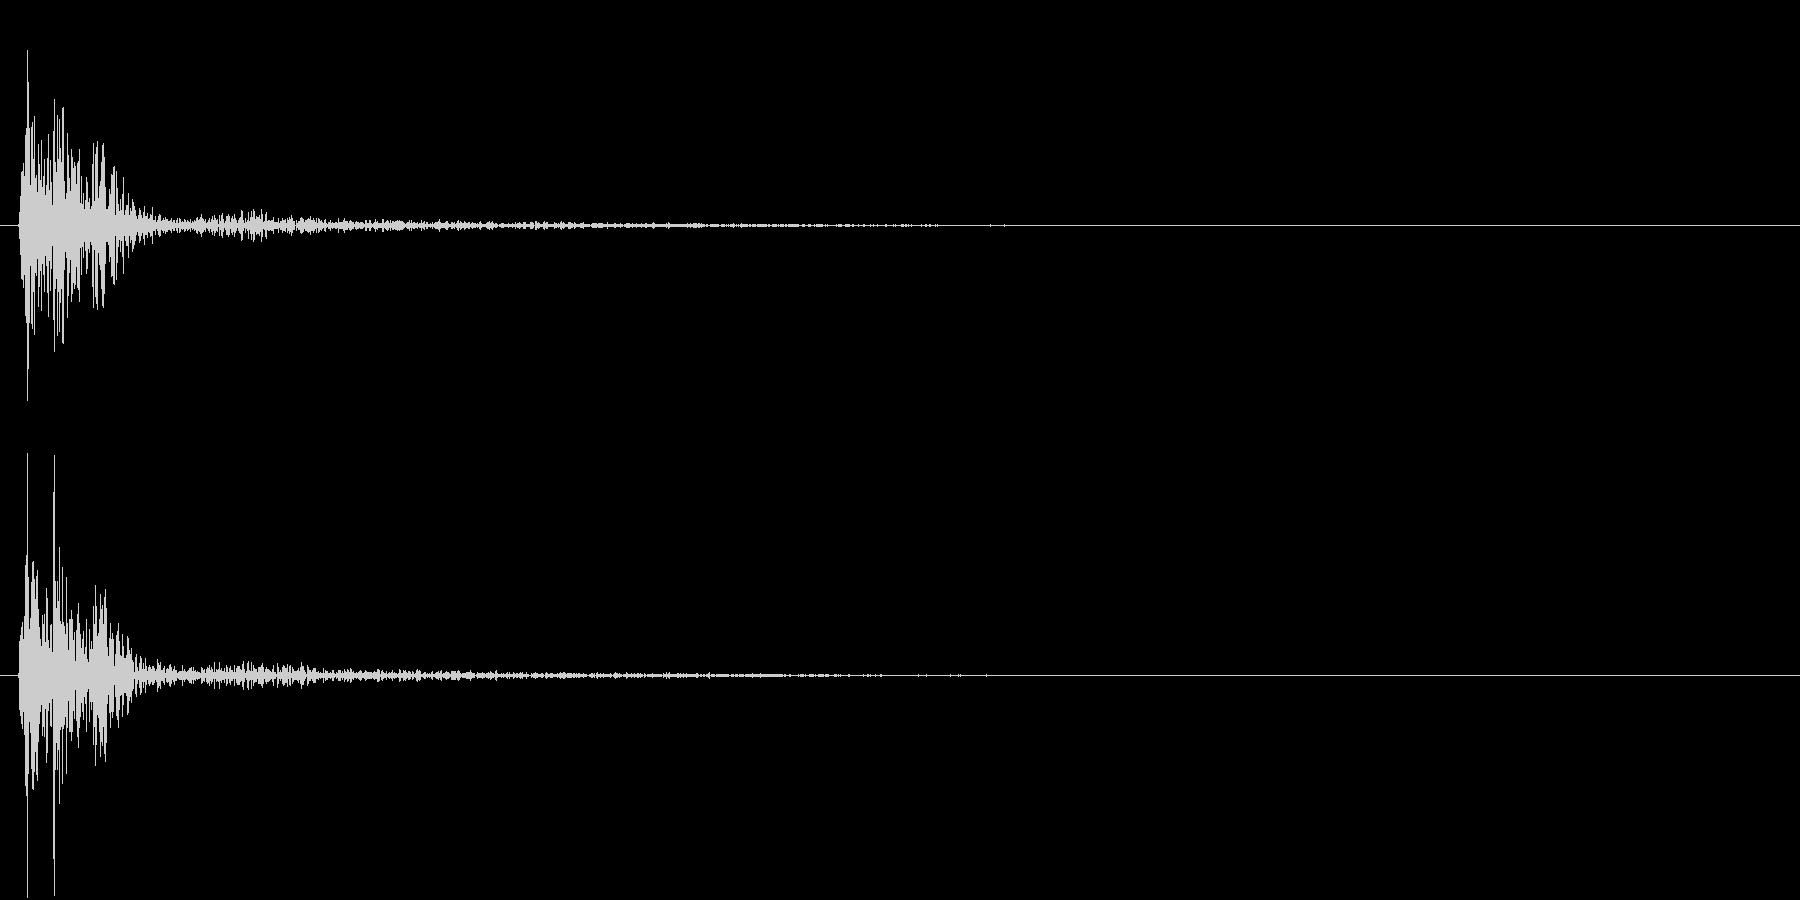 【生録音】お箸の音 11 カチンと揃えるの未再生の波形